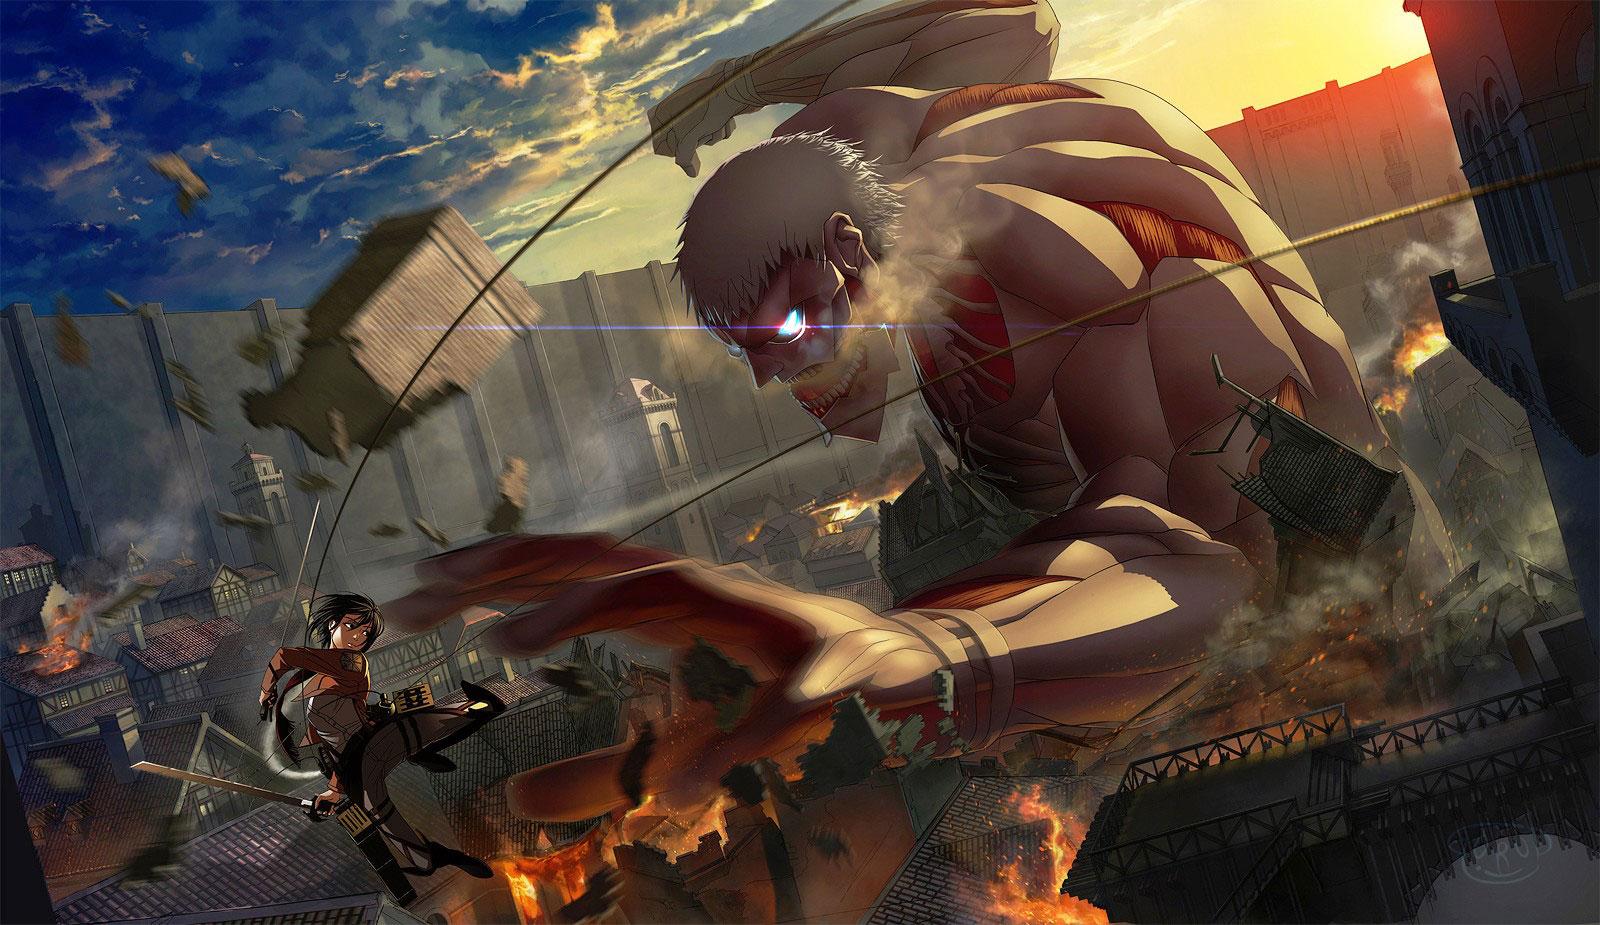 Ảnh Attack on titan imba